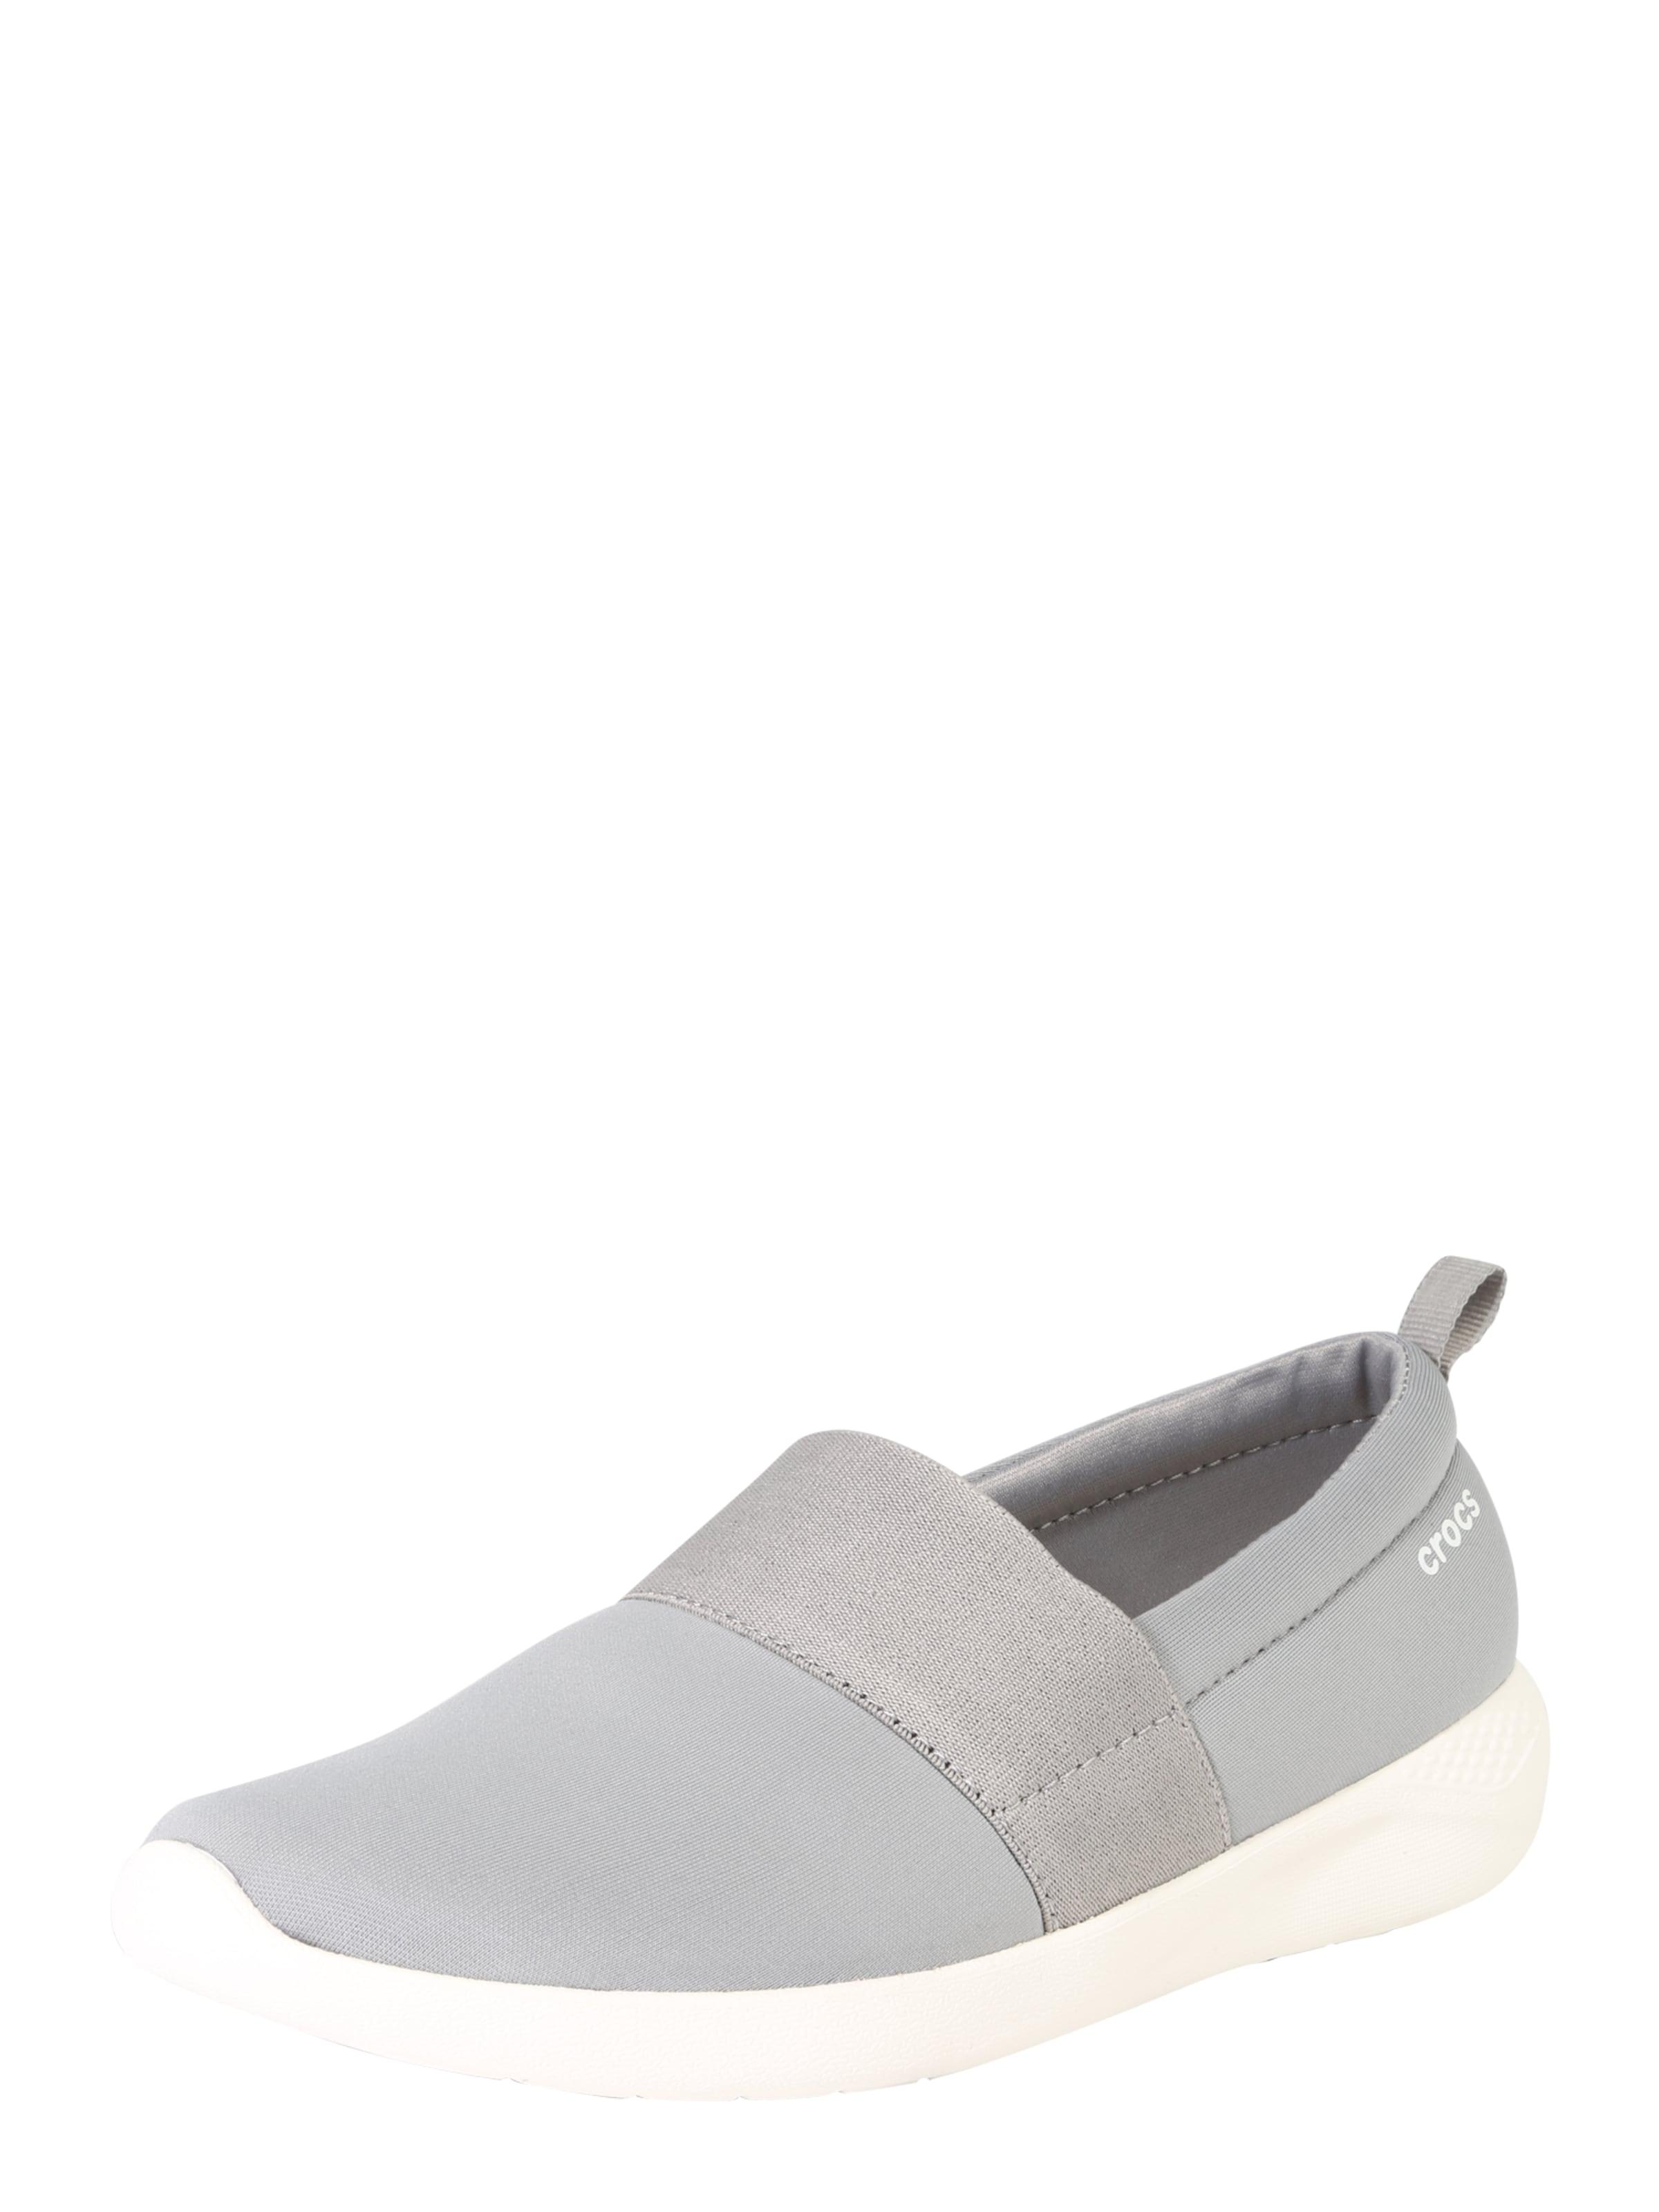 Crocs Sneaker Slip-On  LiteRide